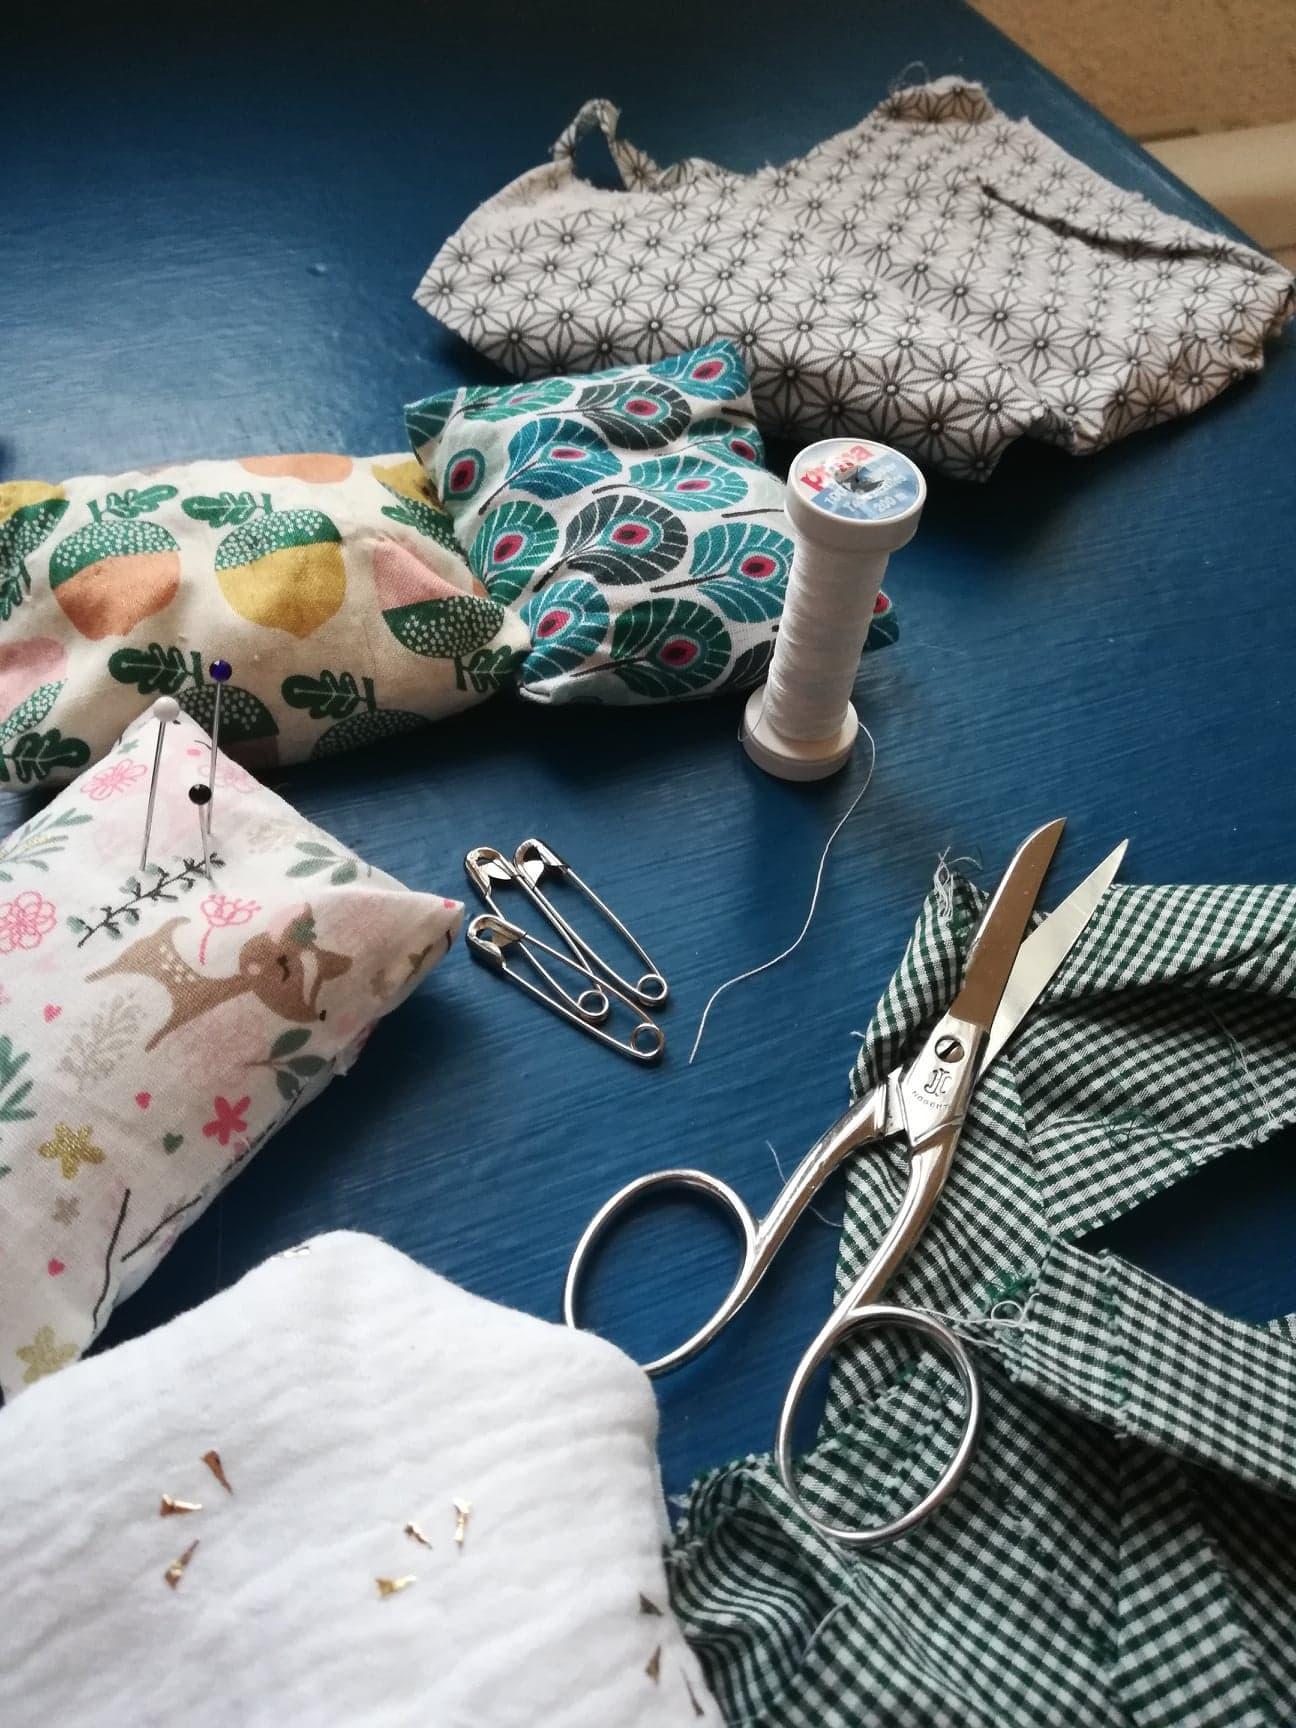 Tout un kit de couture est posé sur une table. Une paire de ciseaux, du fil blanc, des épingles à nourrice et plusieurs tissus colorés et à motifs (des petits cerfs, des carreaux, des glands).